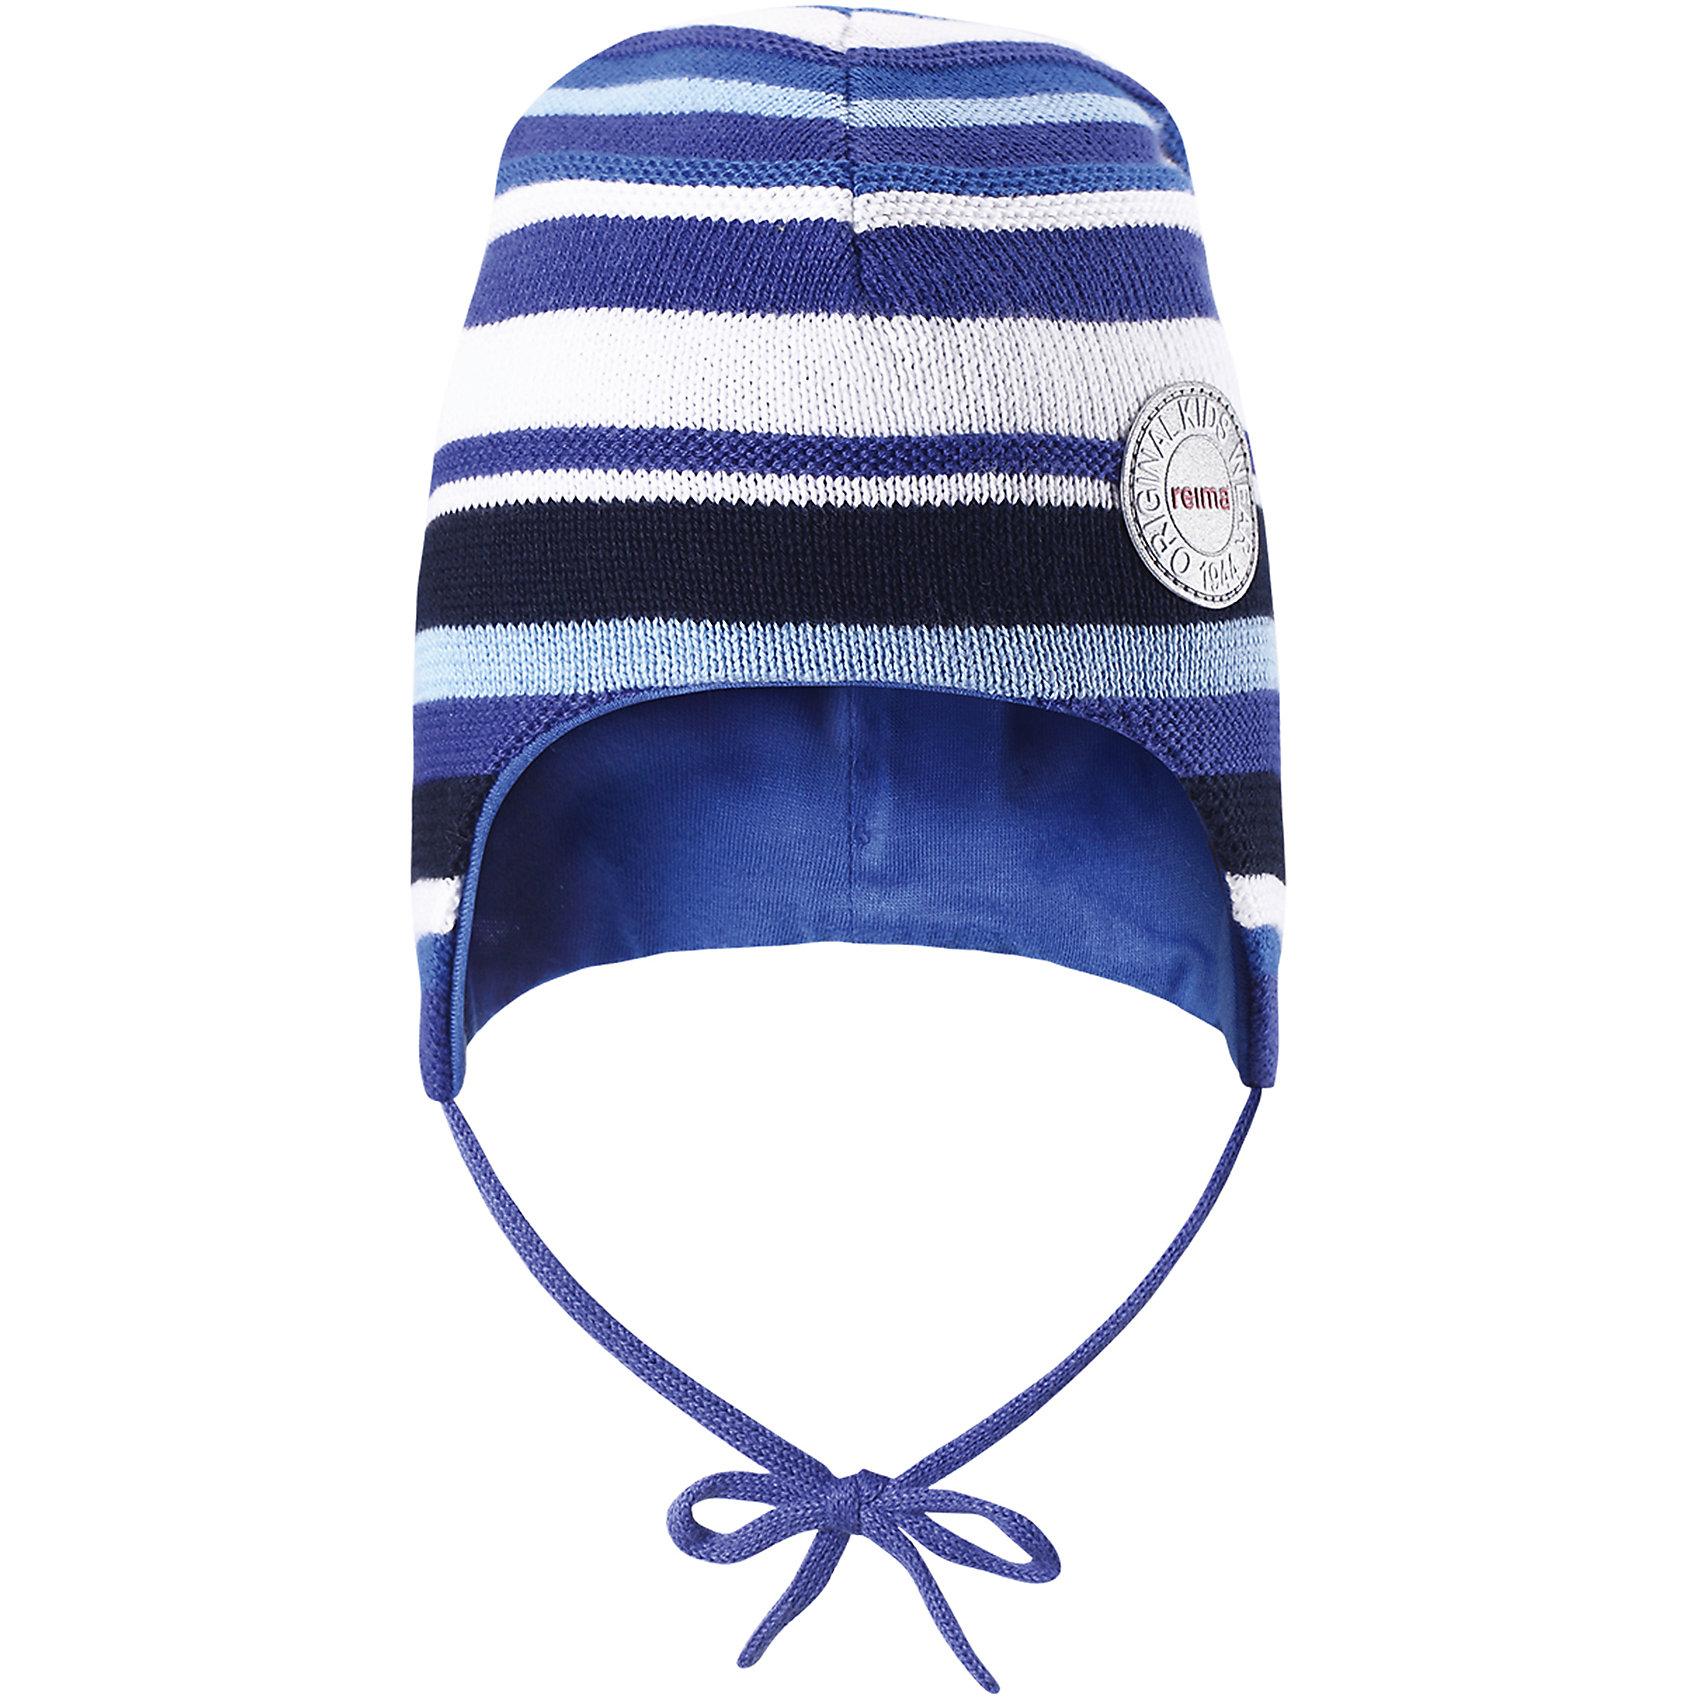 Шапка Jiippi для мальчика ReimaШапки и шарфы<br>Характеристики товара:<br><br>• цвет: синий<br>• состав: 100% хлопок<br>• сплошная подкладка из хлопкового трикотажа<br>• температурный режим: от 0С до +15С<br>• эластичный хлопковый трикотаж<br>• изделие сертифицированно по стандарту Oeko-Tex на продукцию класса 1 - одежда для новорождённых<br>• завязки во всех размерах<br>• эмблема Reima спереди<br>• светоотражающая эмблема спереди<br>• страна бренда: Финляндия<br>• страна производства: Китай<br><br>Детский головной убор может быть модным и удобным одновременно! Стильная шапка поможет обеспечить ребенку комфорт и дополнить наряд. Шапка удобно сидит и аккуратно выглядит. Проста в уходе, долго служит. Стильный дизайн разрабатывался специально для детей. Отличная защита от дождя и ветра!<br><br>Шапку для мальчика от финского бренда Reima (Рейма) можно купить в нашем интернет-магазине.<br><br>Ширина мм: 89<br>Глубина мм: 117<br>Высота мм: 44<br>Вес г: 155<br>Цвет: синий<br>Возраст от месяцев: 6<br>Возраст до месяцев: 9<br>Пол: Мужской<br>Возраст: Детский<br>Размер: 46,50,52,48<br>SKU: 5270966